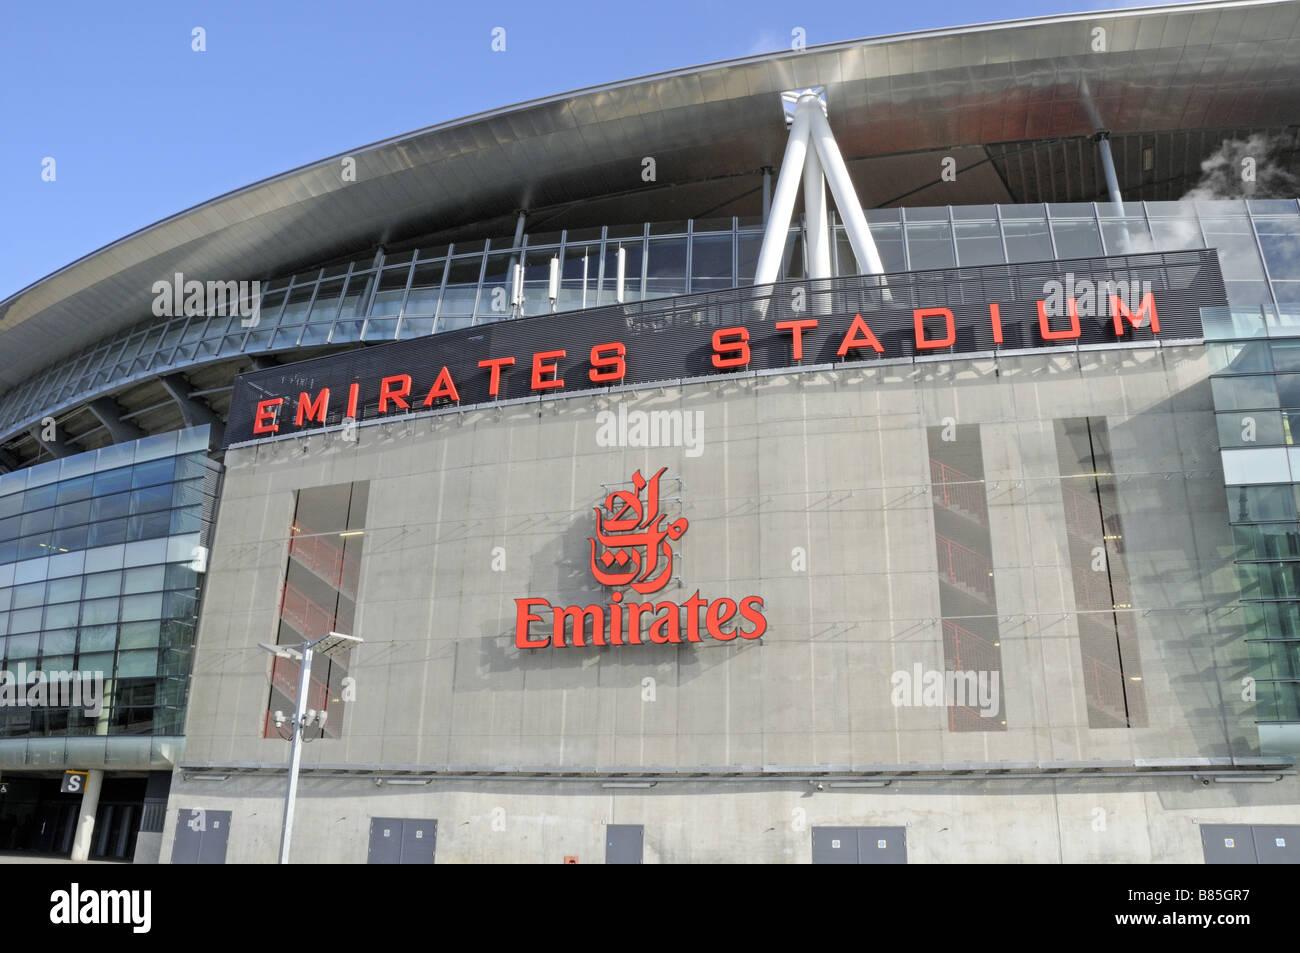 Emirates Stadium Holloway London England UK - Stock Image